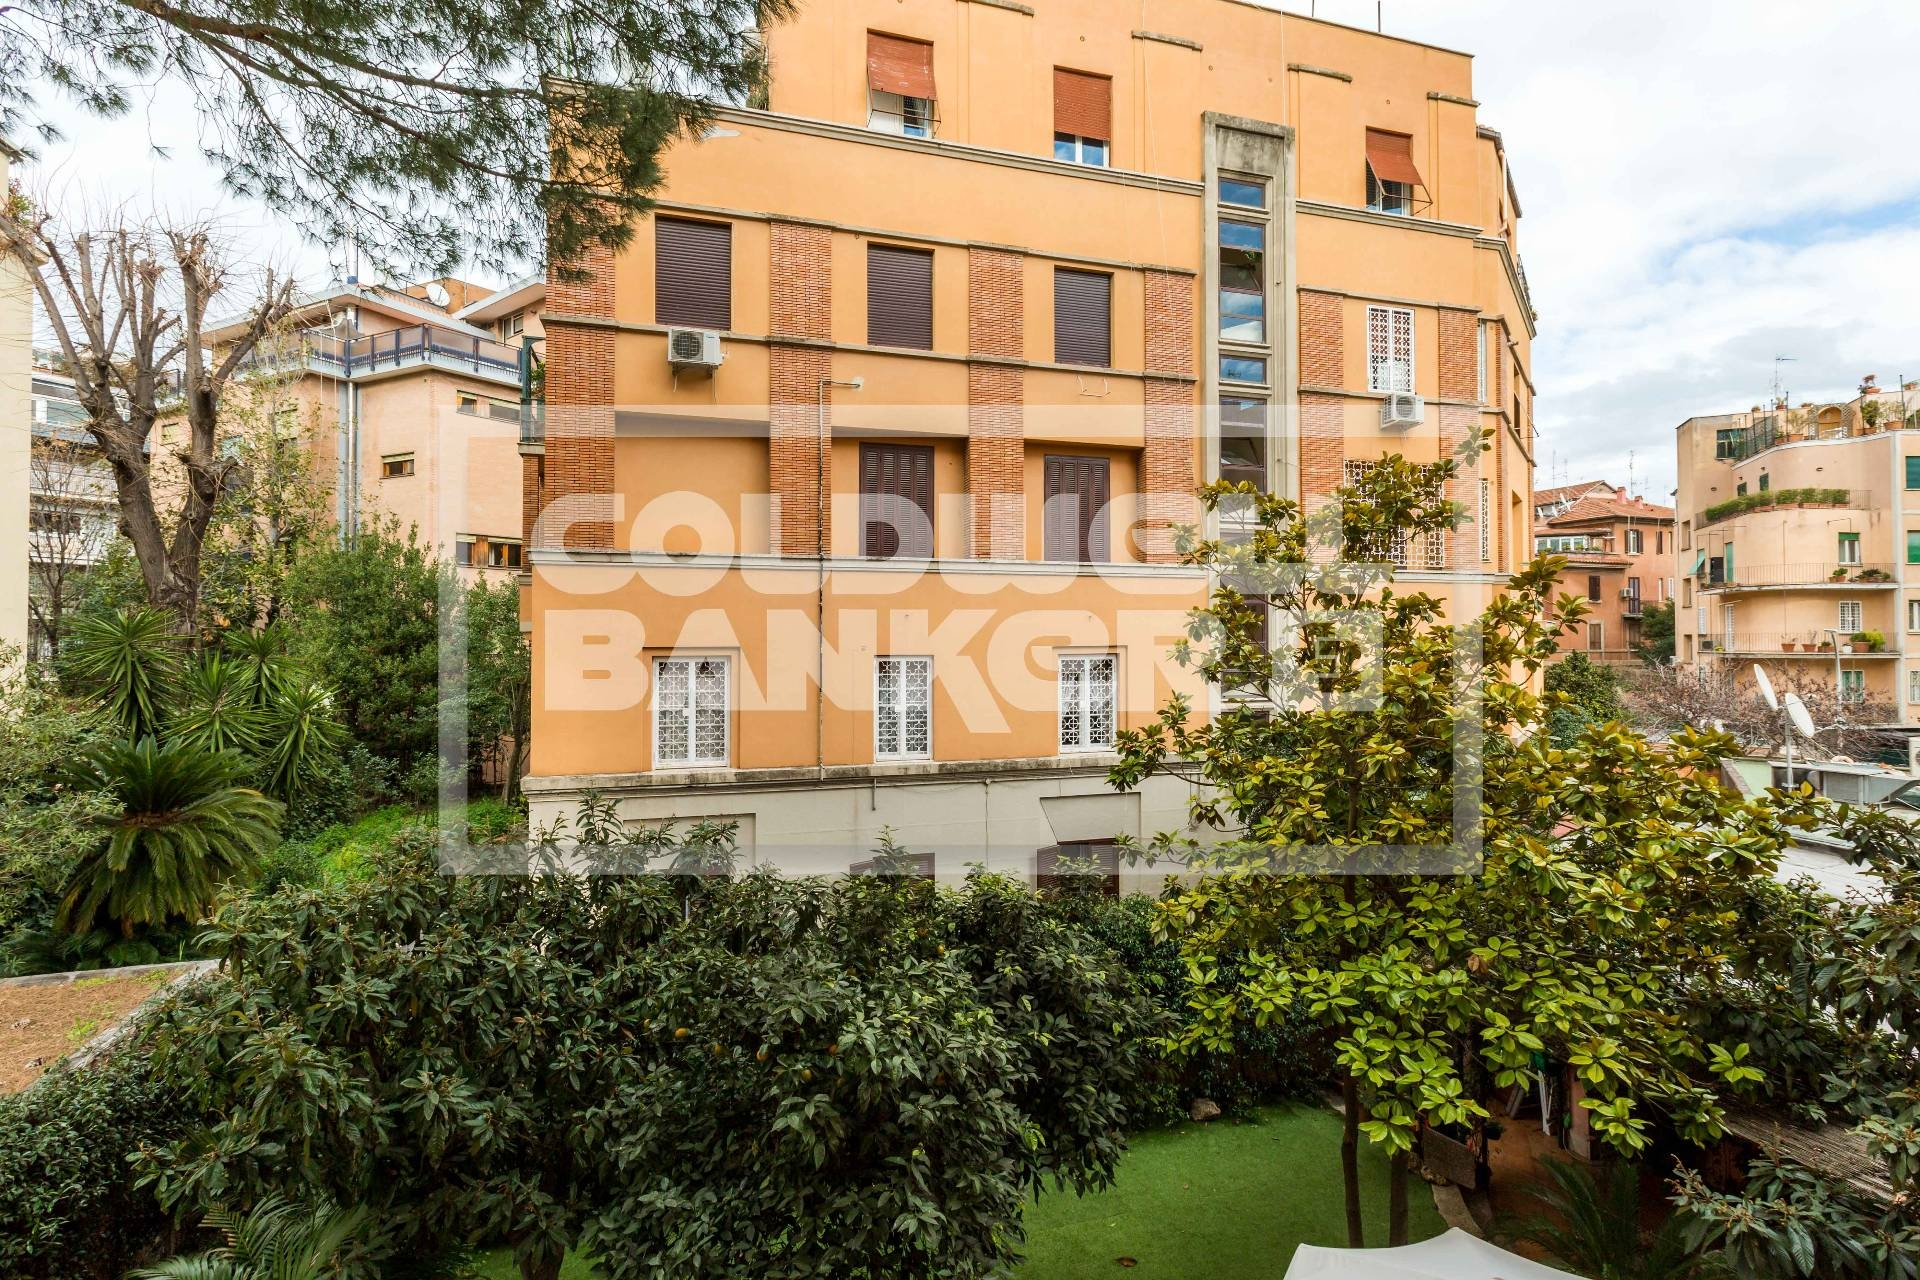 Cbi038 144 43520gc appartamento in affitto a roma for Affitto roma parioli